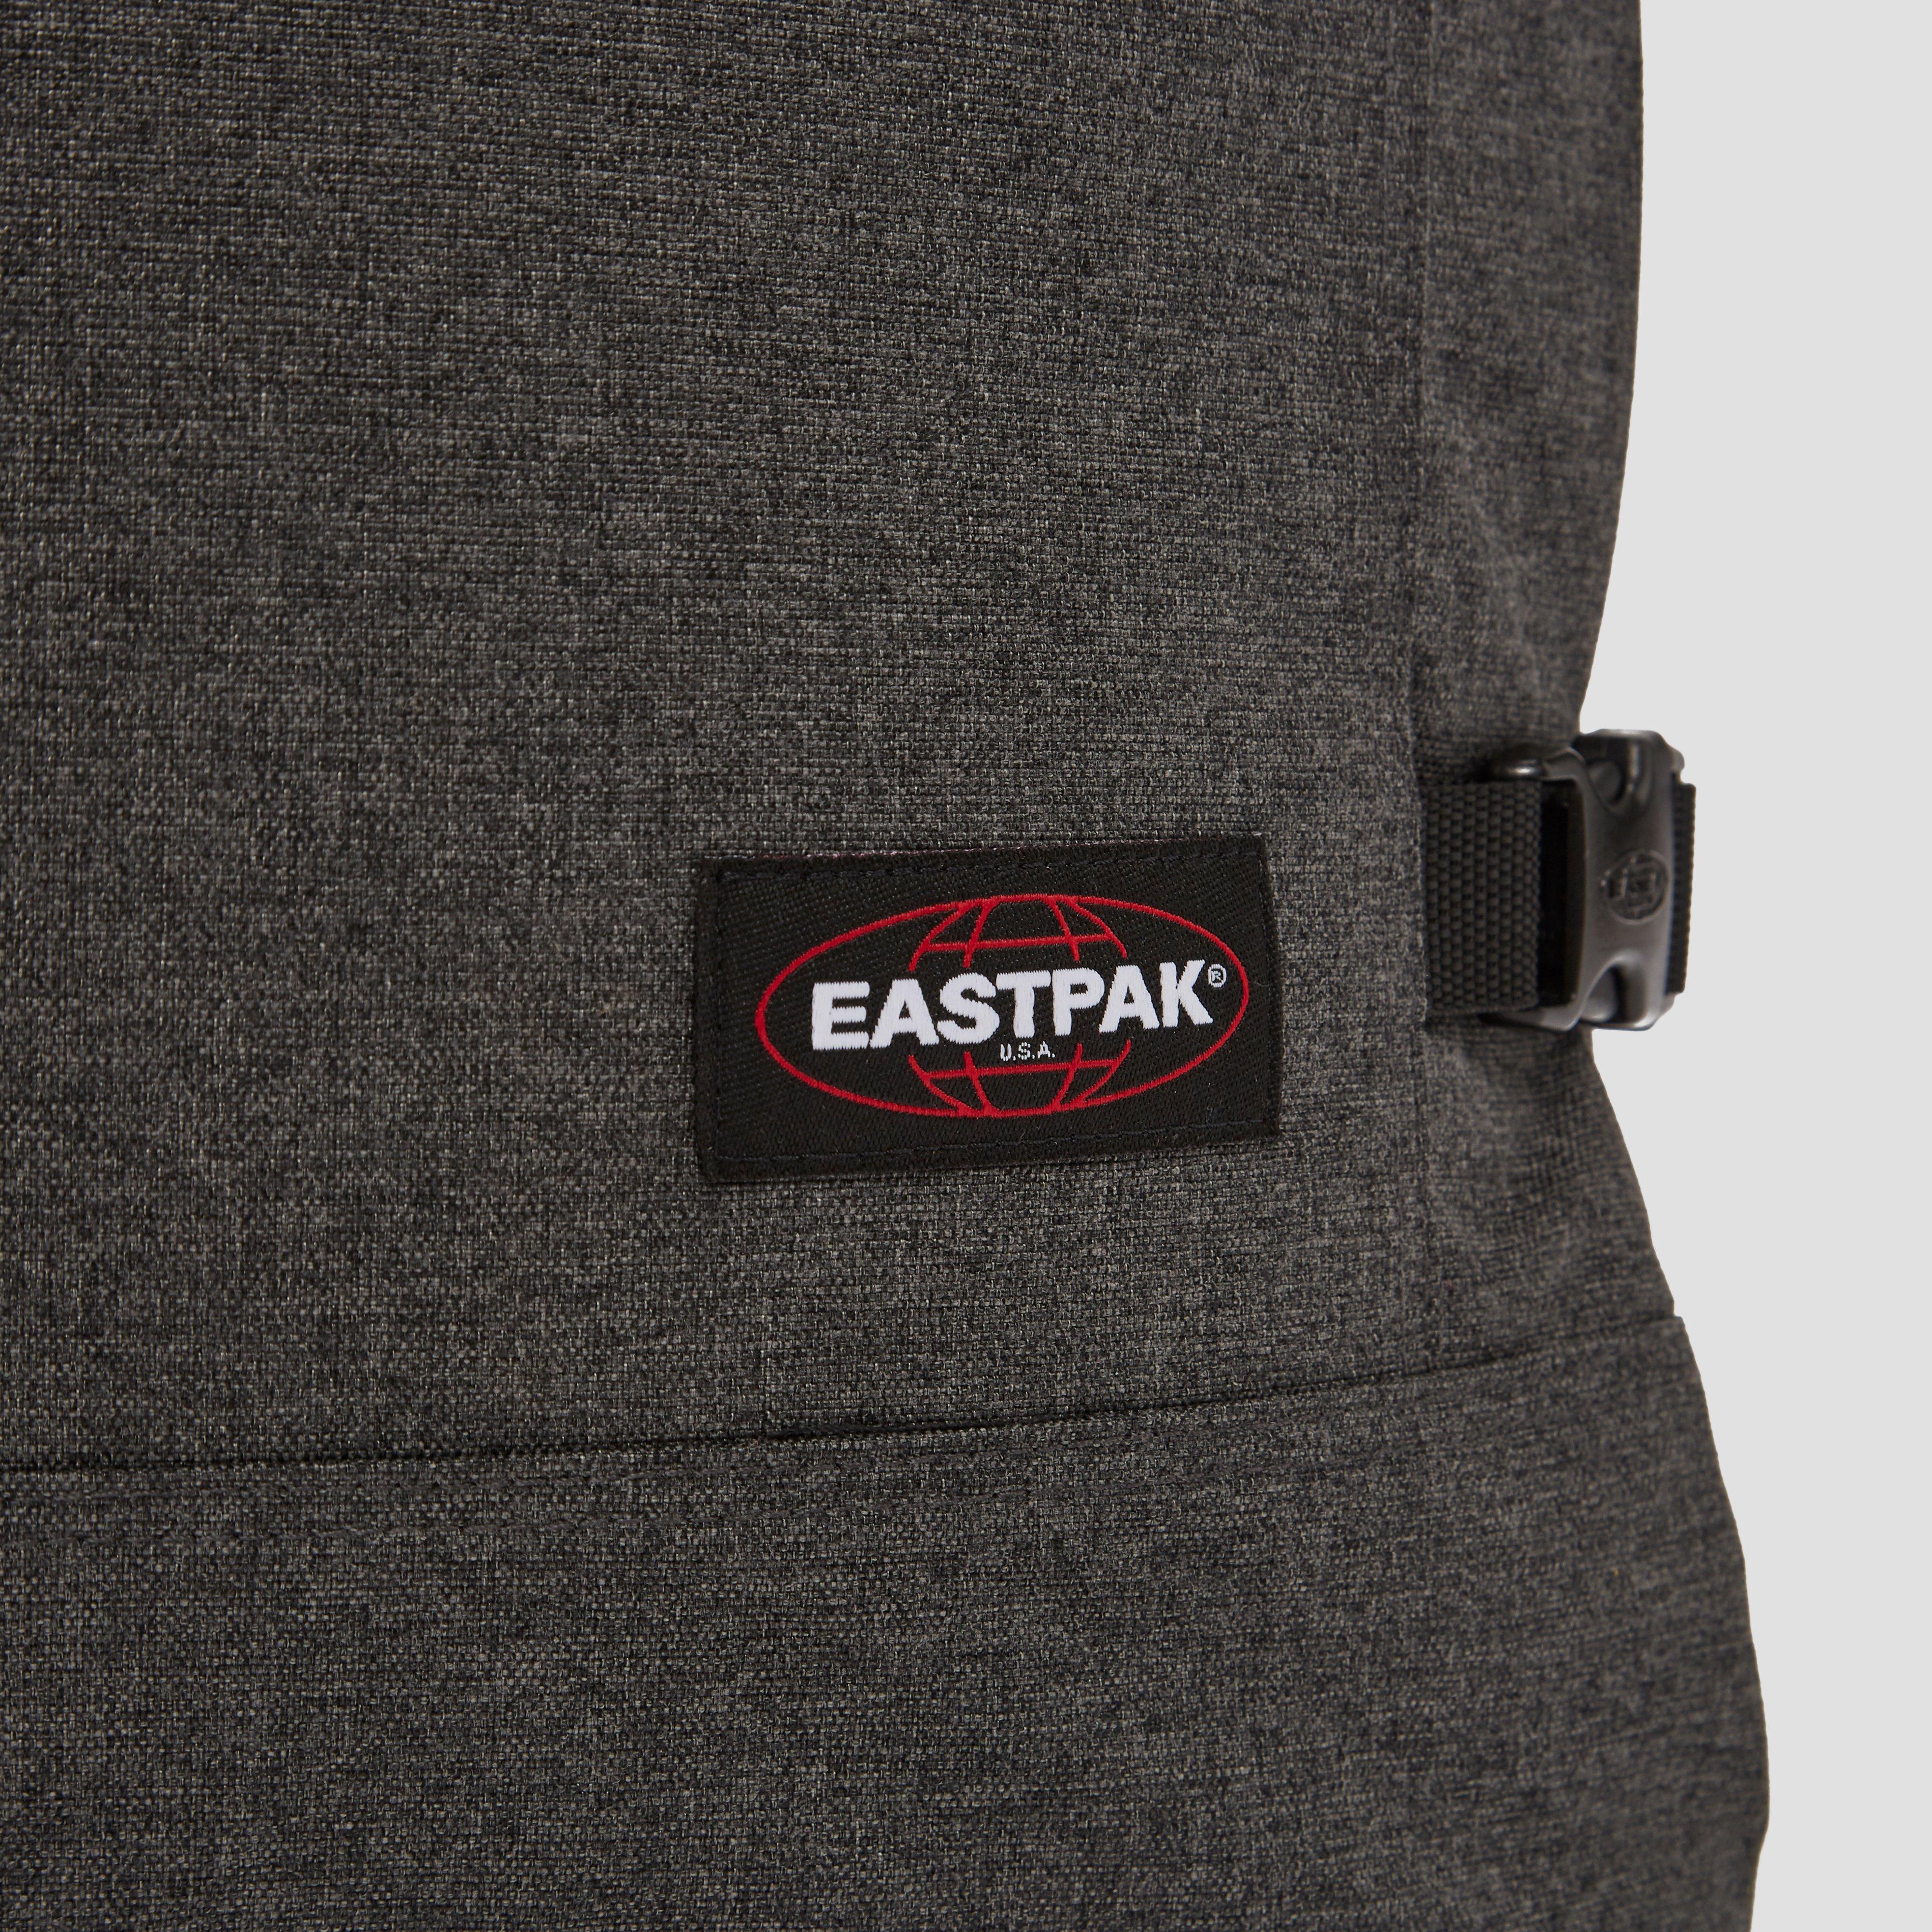 EASTPAK TRANVERZ REISTAS MET WIELEN SMALL GRIJS